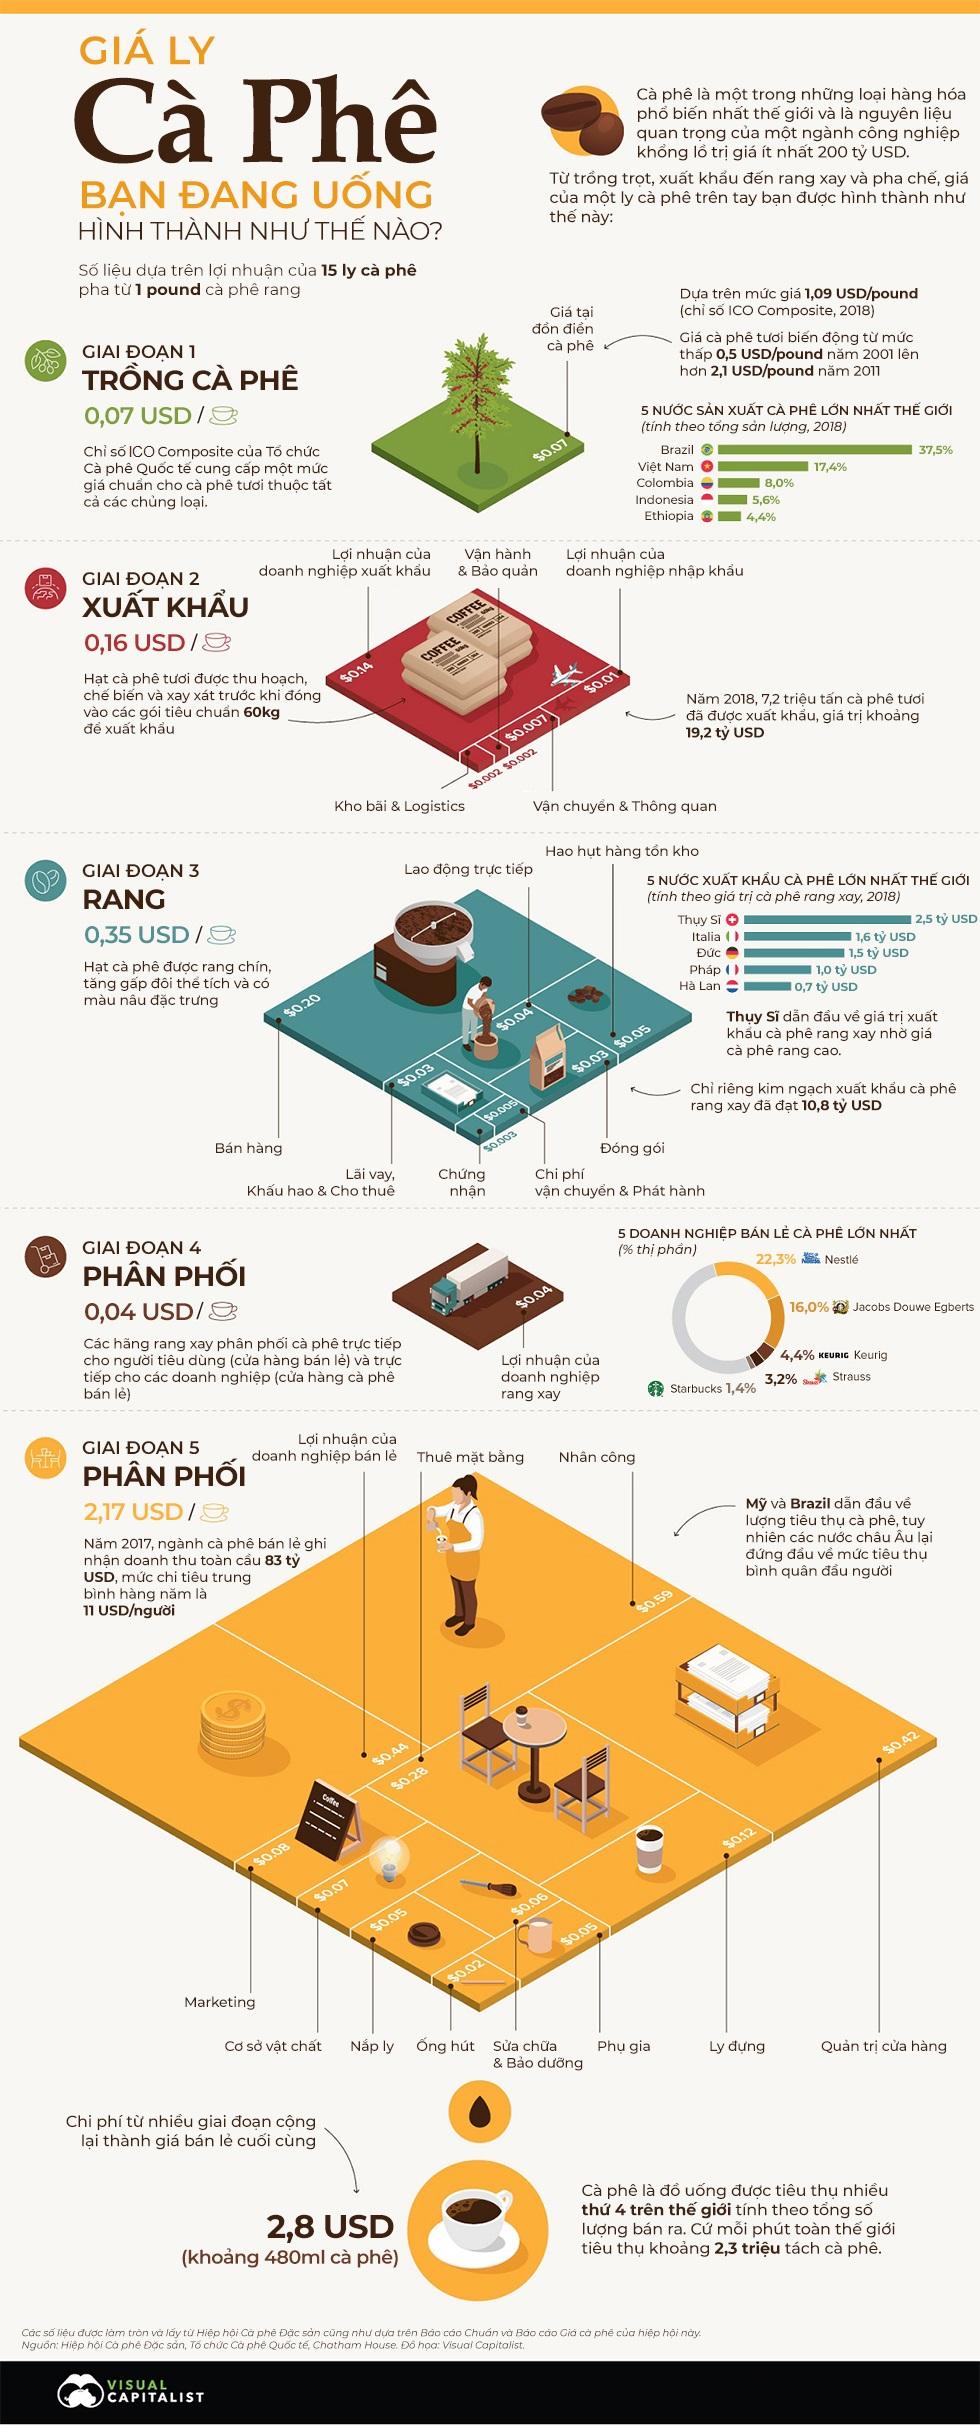 [Infographic] Giá ly cà phê bạn đang nhâm nhi từ đâu mà có? - Ảnh 1.